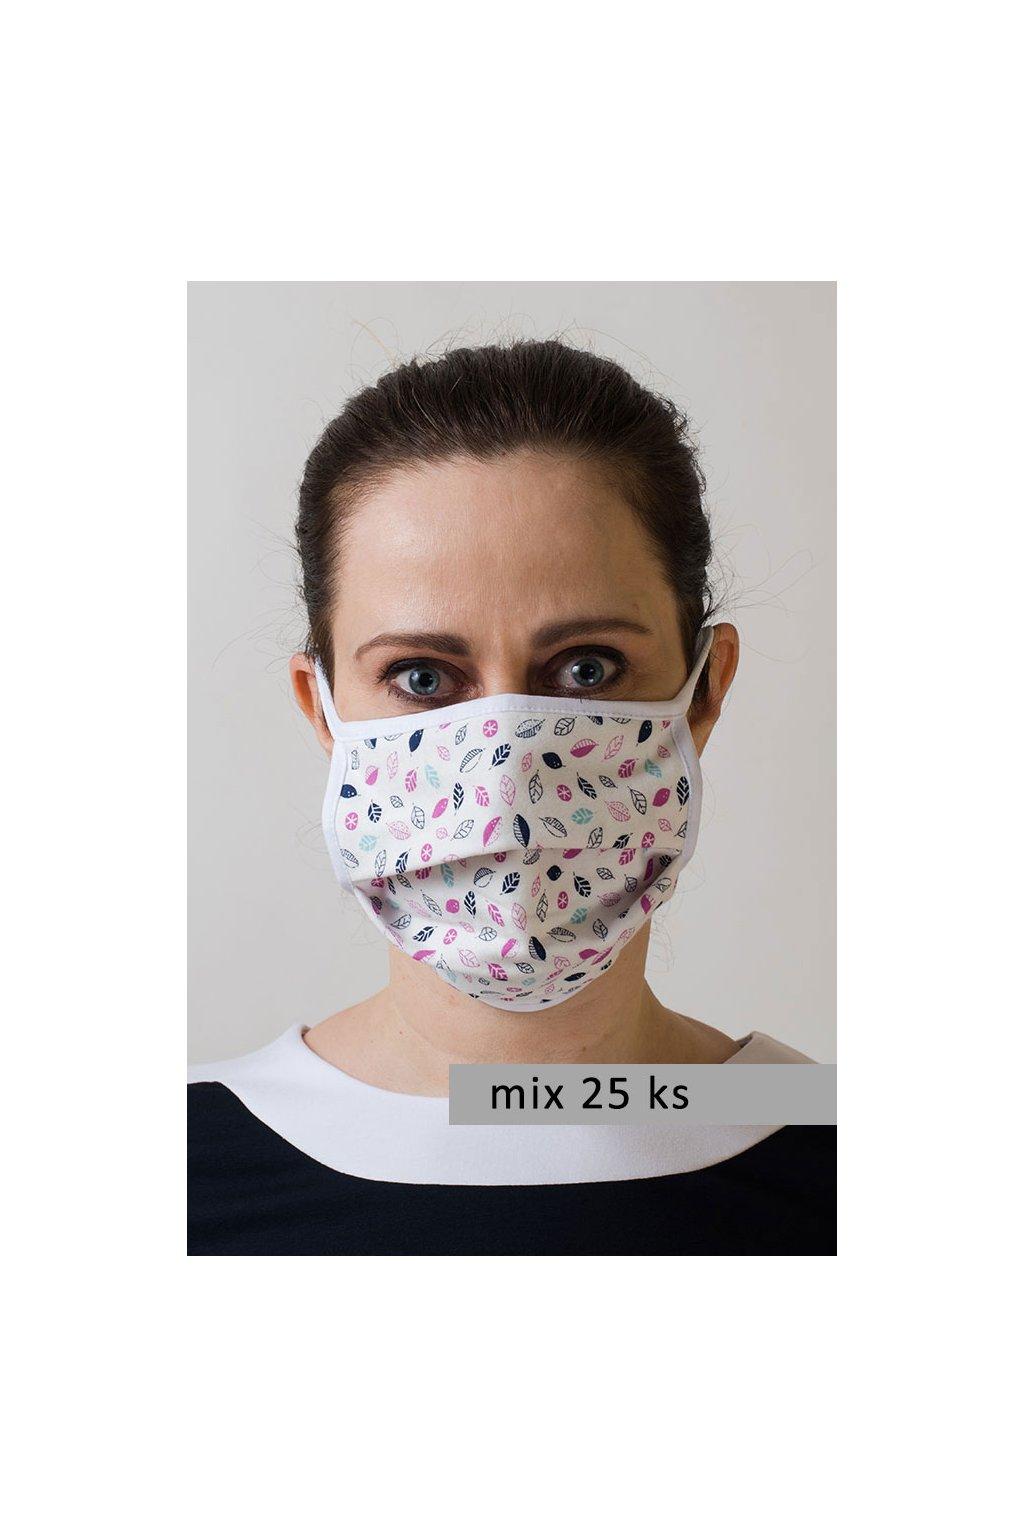 Dámská bavlněná úpletová rouška na ústa a nos dvouvrstvá model 795 - mix 25 ks, 796-99, Mix barev